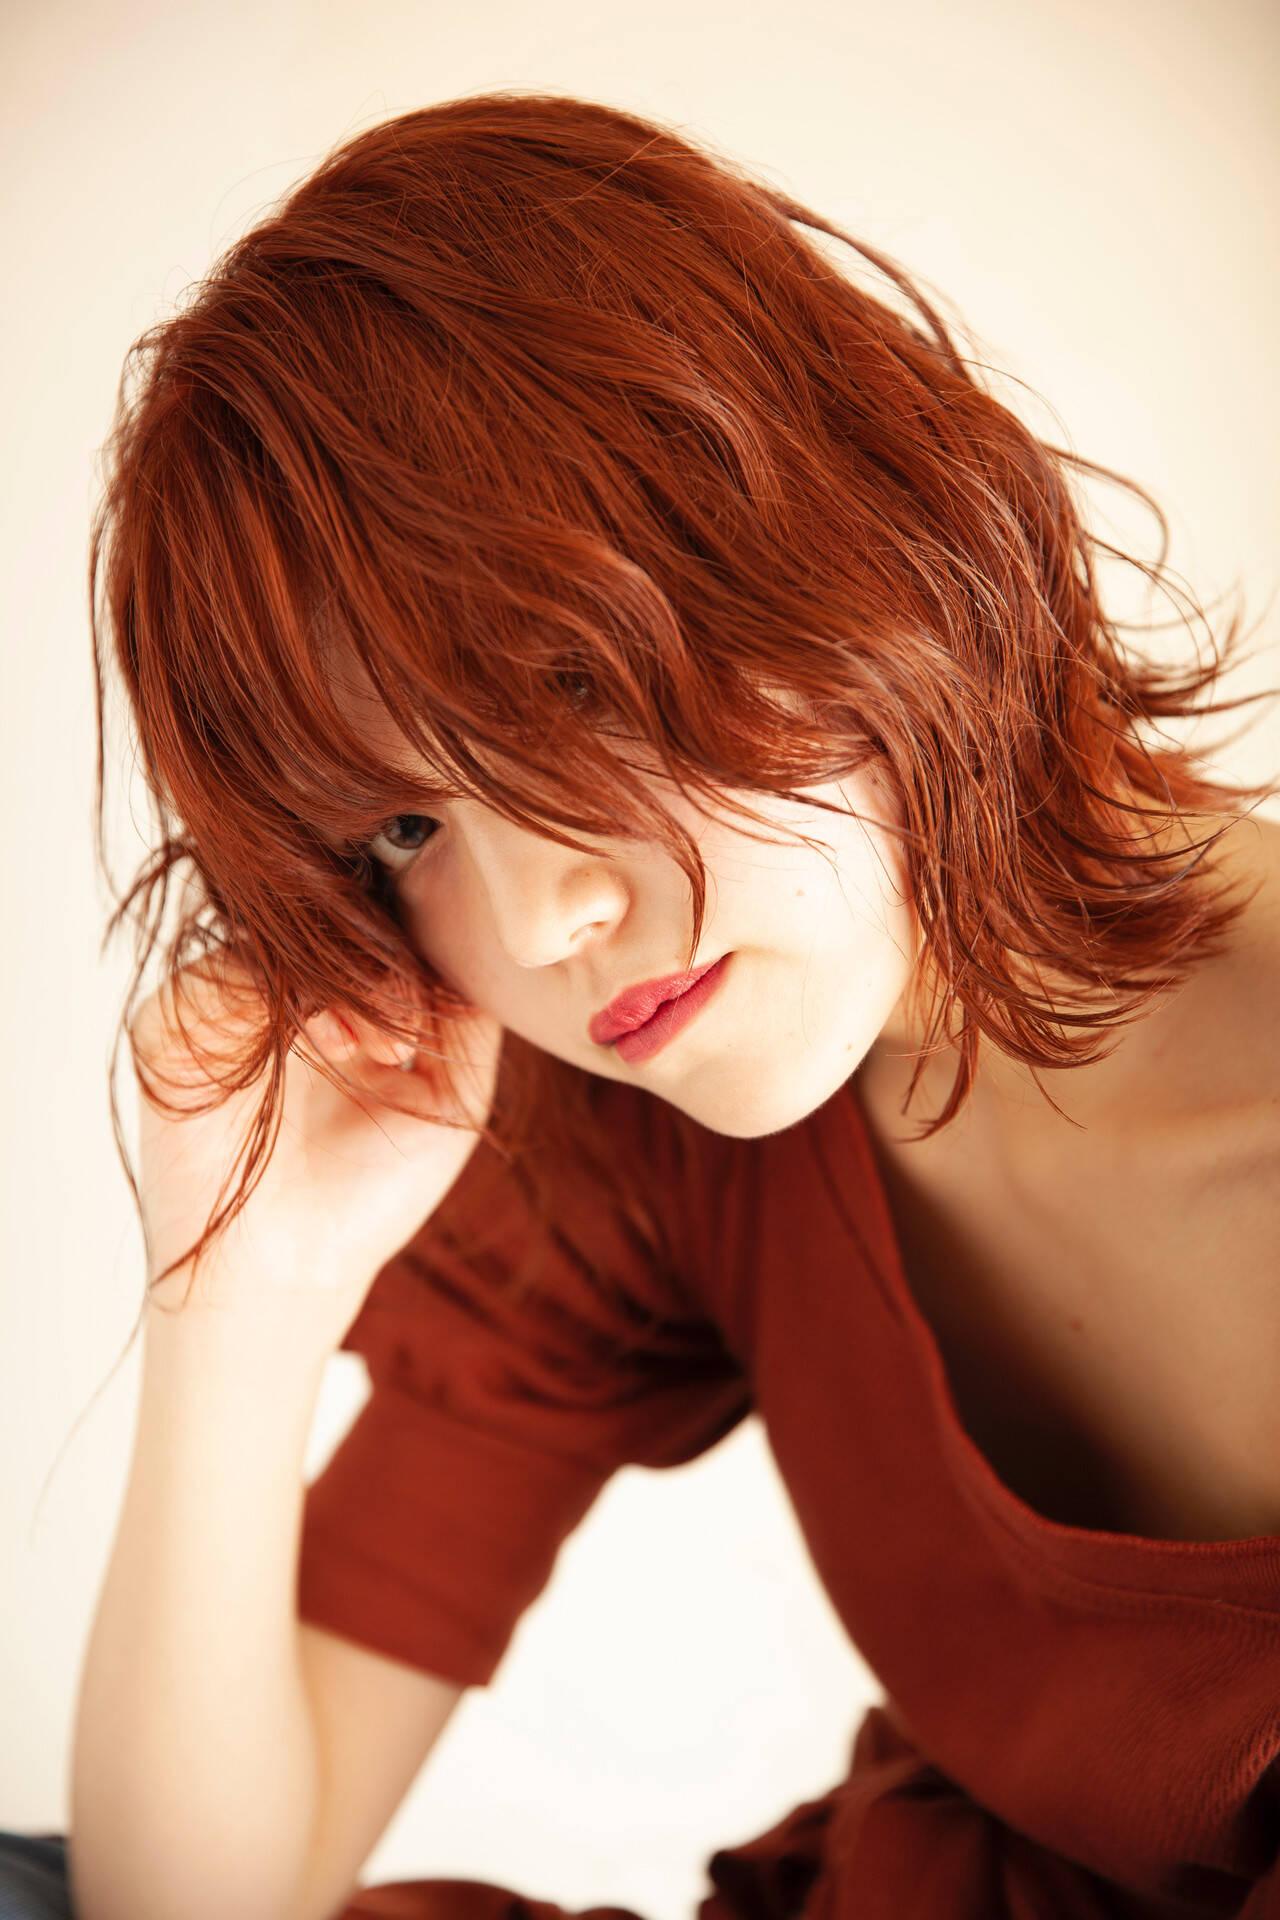 ミディアム ネオウルフ オレンジカラー オレンジベージュヘアスタイルや髪型の写真・画像